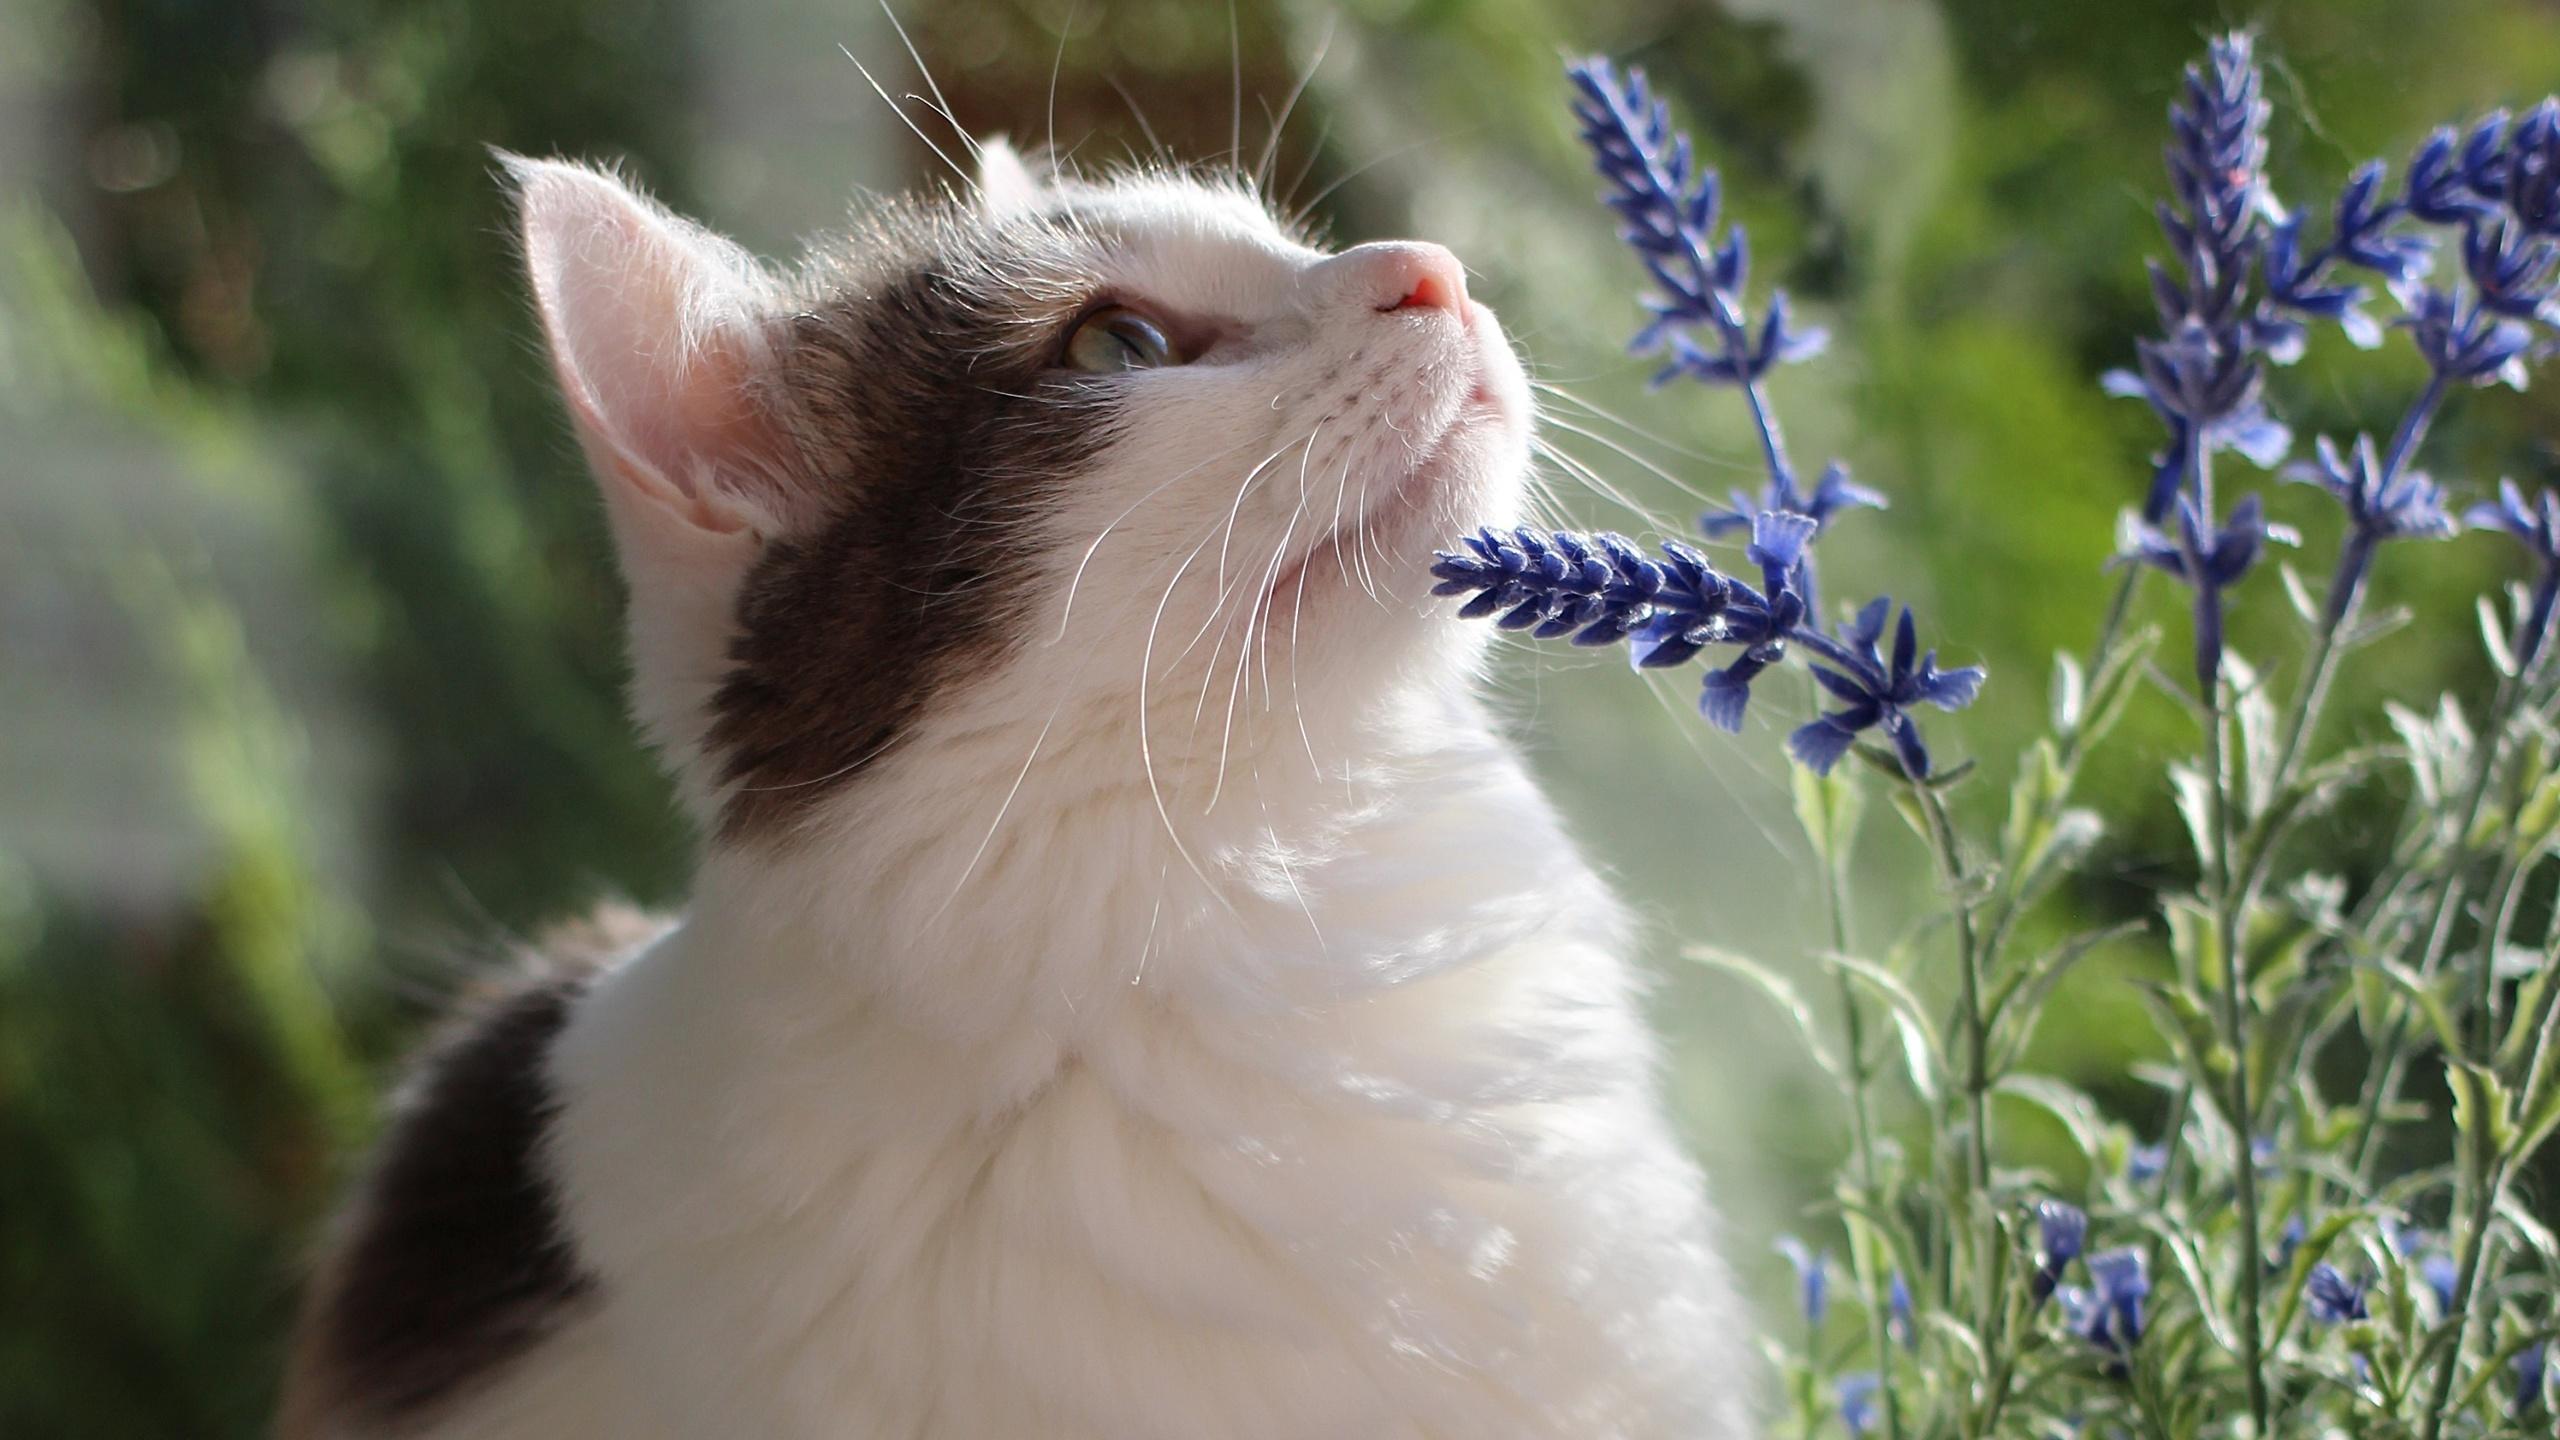 животное, кот, кошка, взгляд, природа, цветы, лето